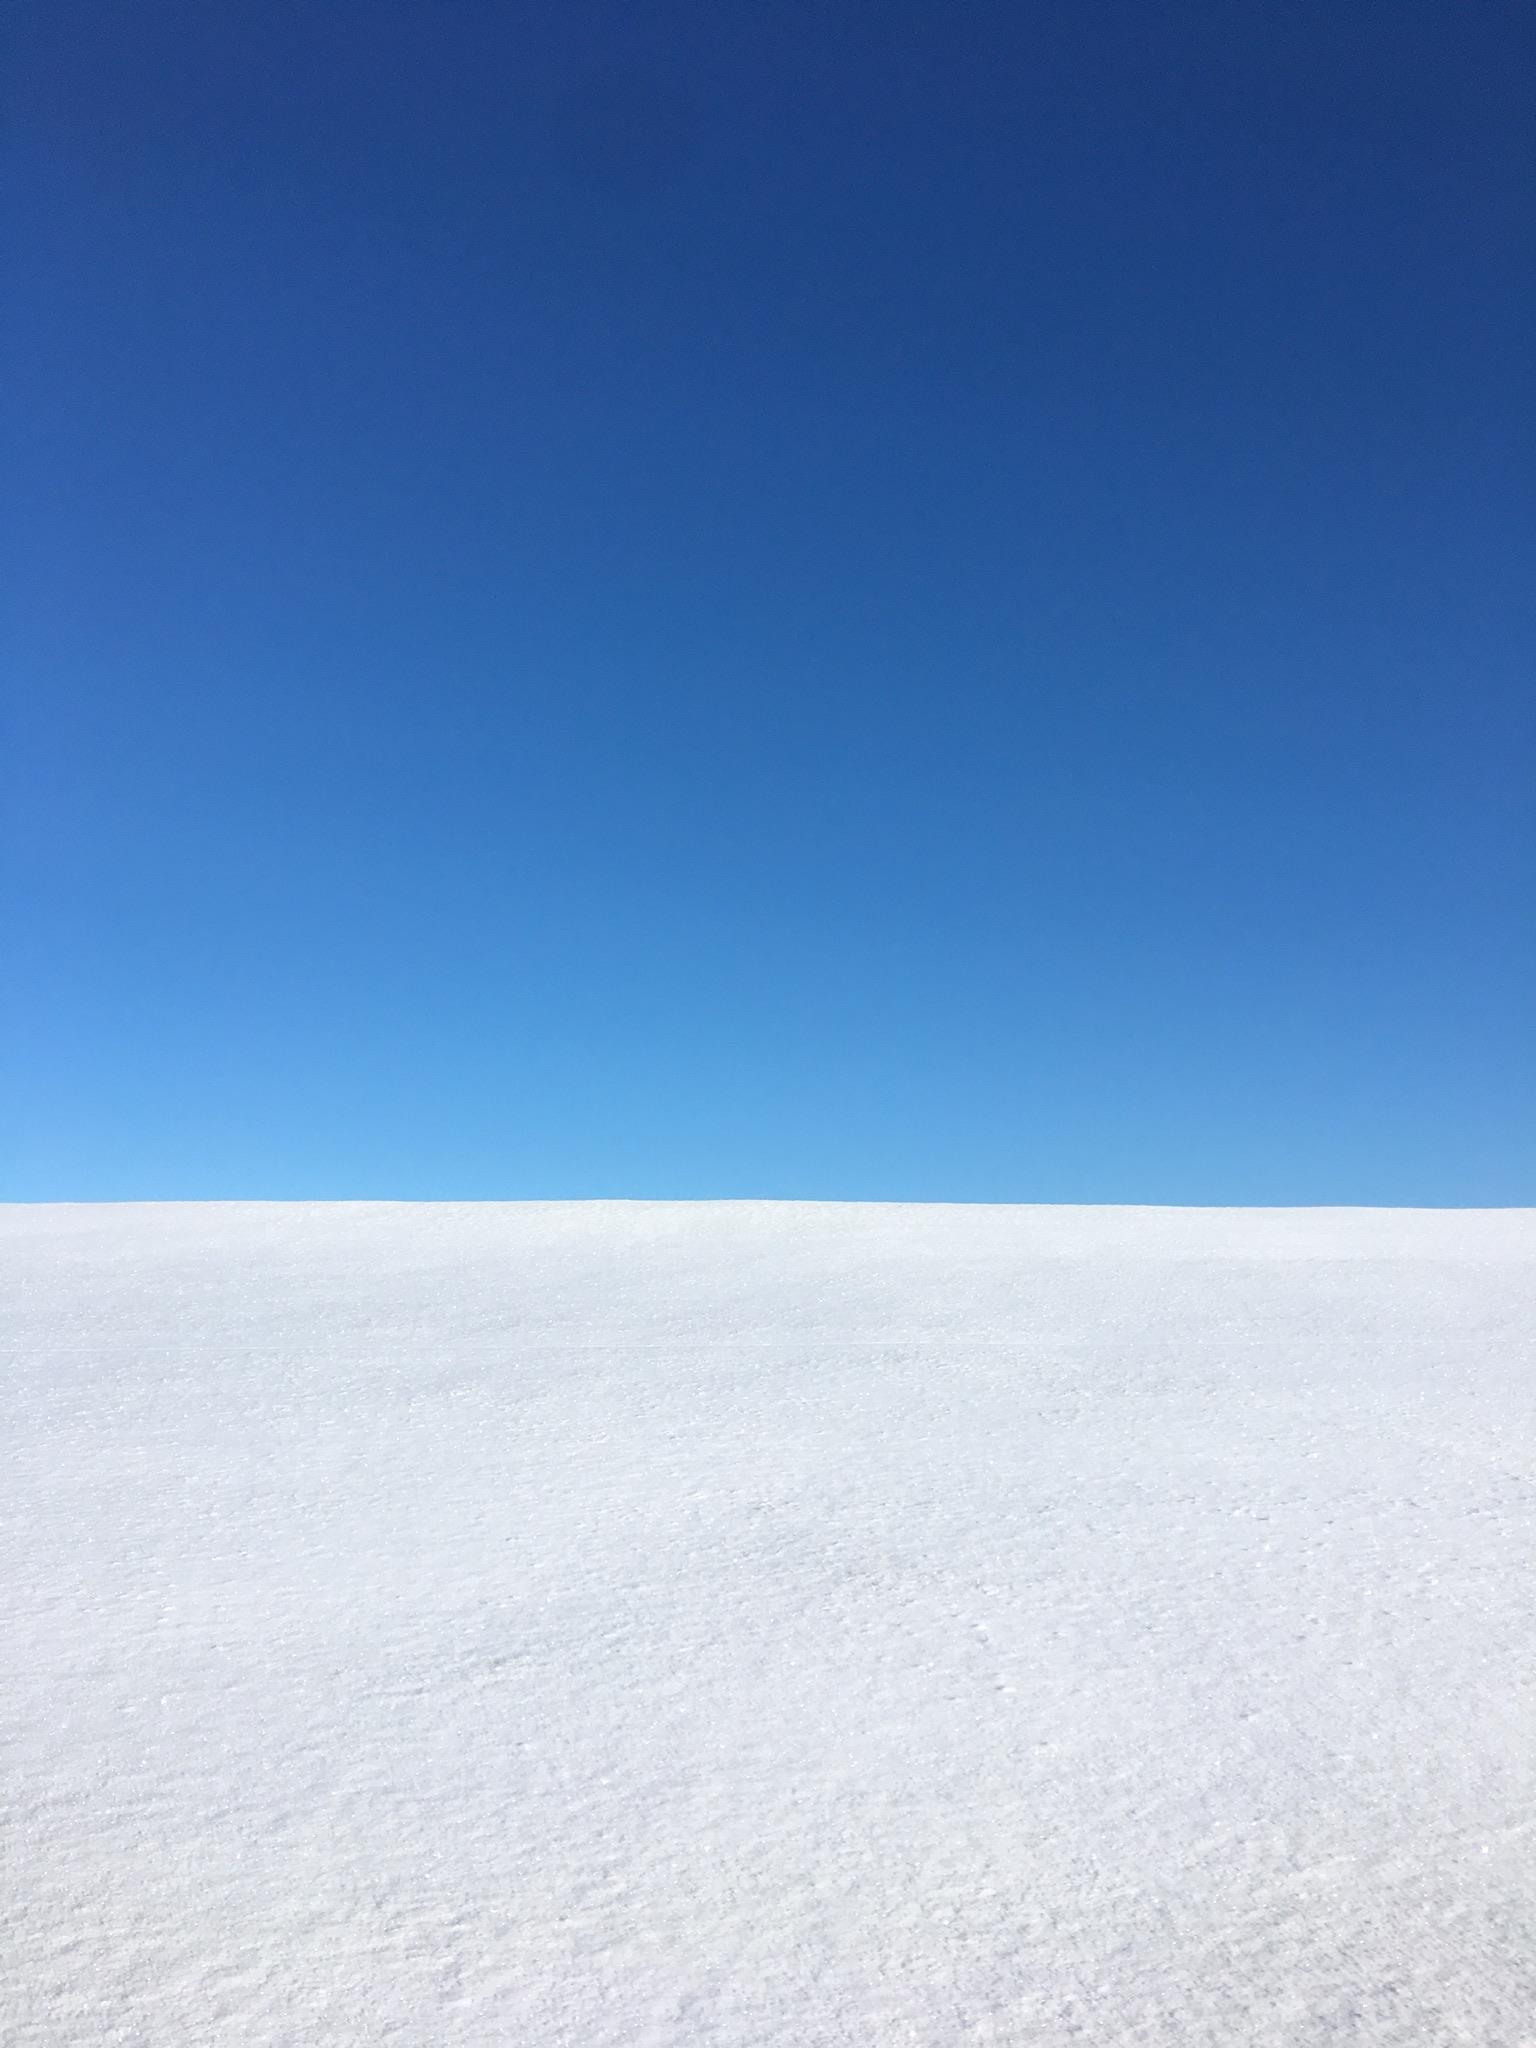 Der verschneite Deich vor dem klaren blauen Winterhimmel erinnert mich an Bilder von Mark Rothko...